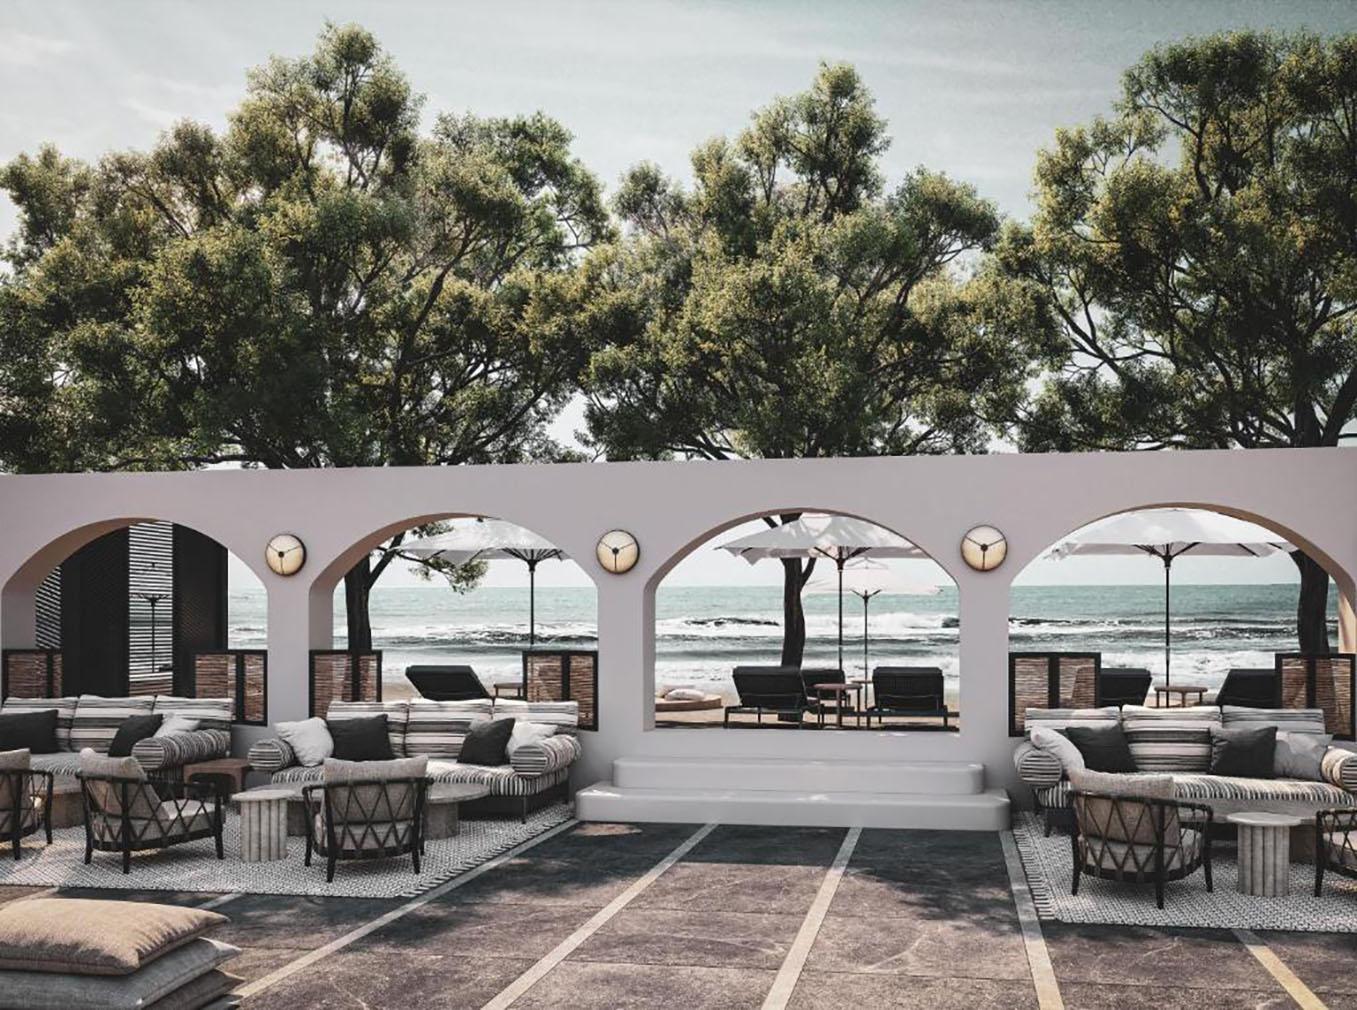 NUMO hotel in Ierapetra, Crete